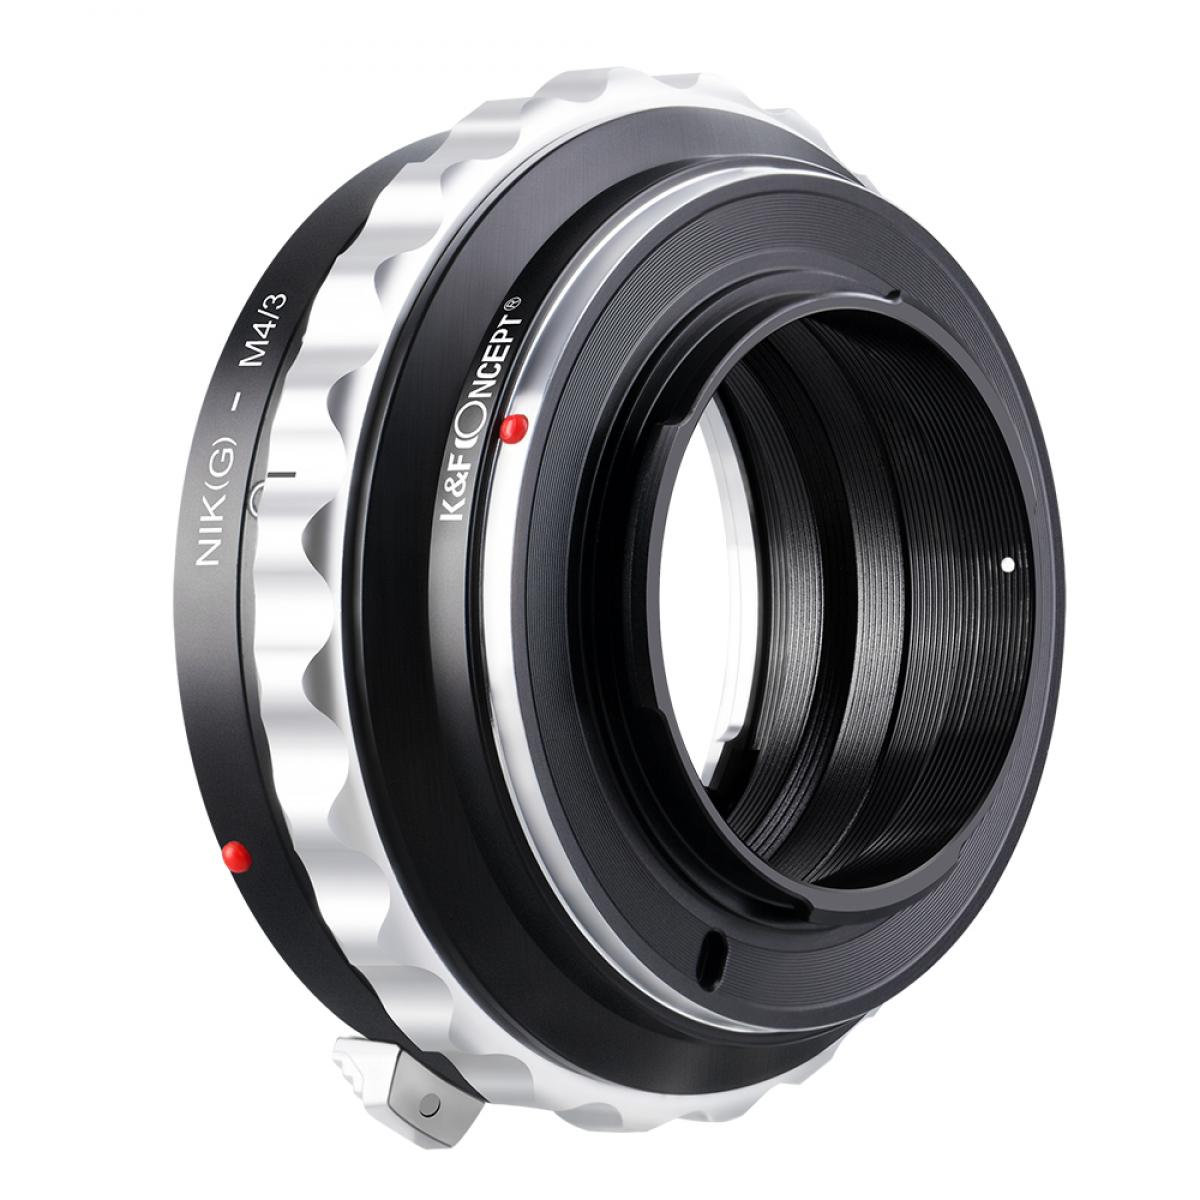 Adattatore per Obiettivi Nikon G/F/AI/AIS/D a Fotocamere M43